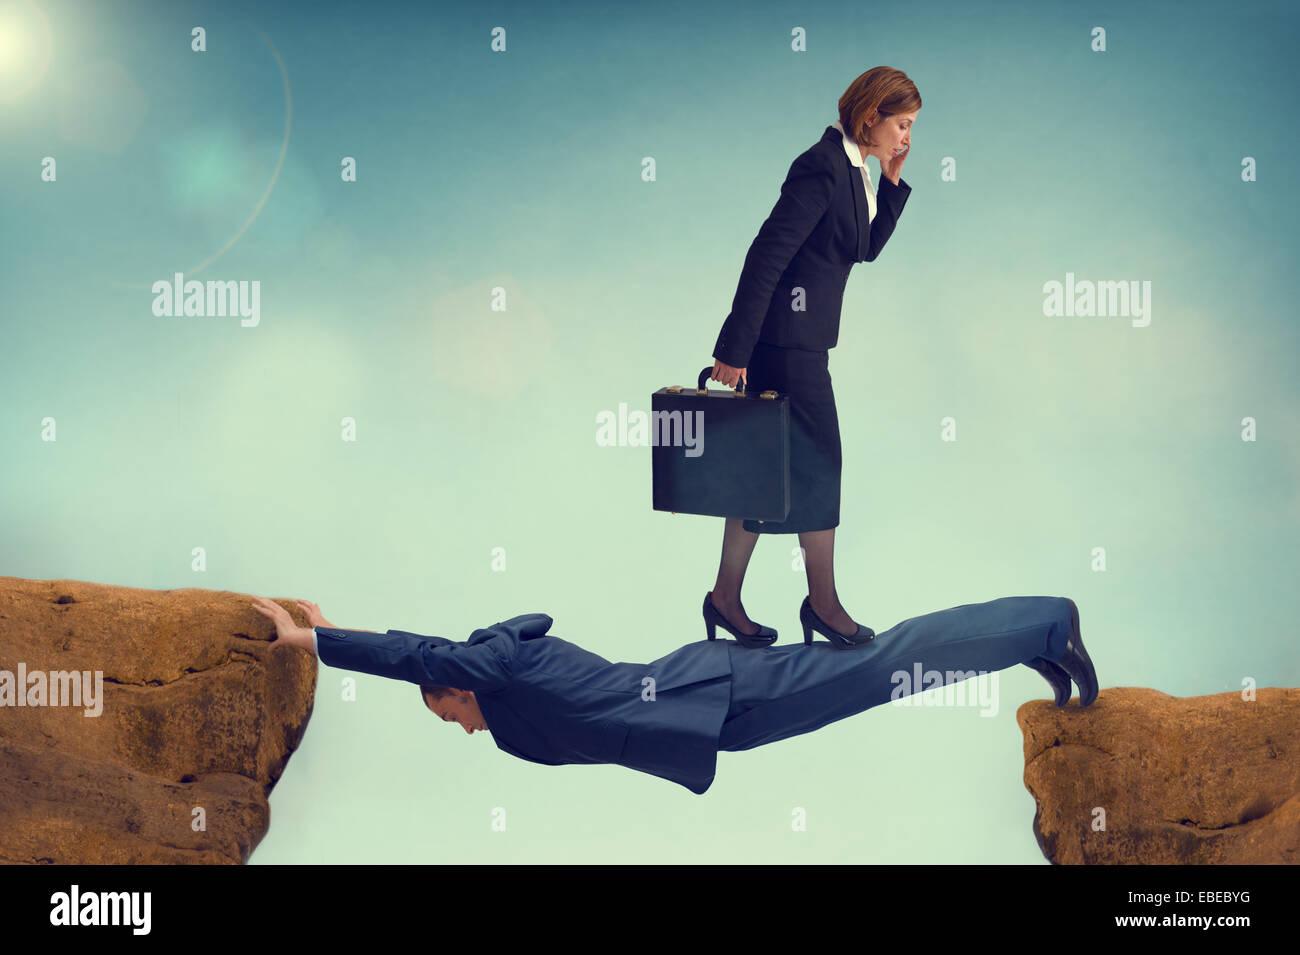 skrupellose Geschäftsfrau zu Fuß über ein gefährdeter Geschäftsmann - Ehrgeiz-Konzept Stockbild